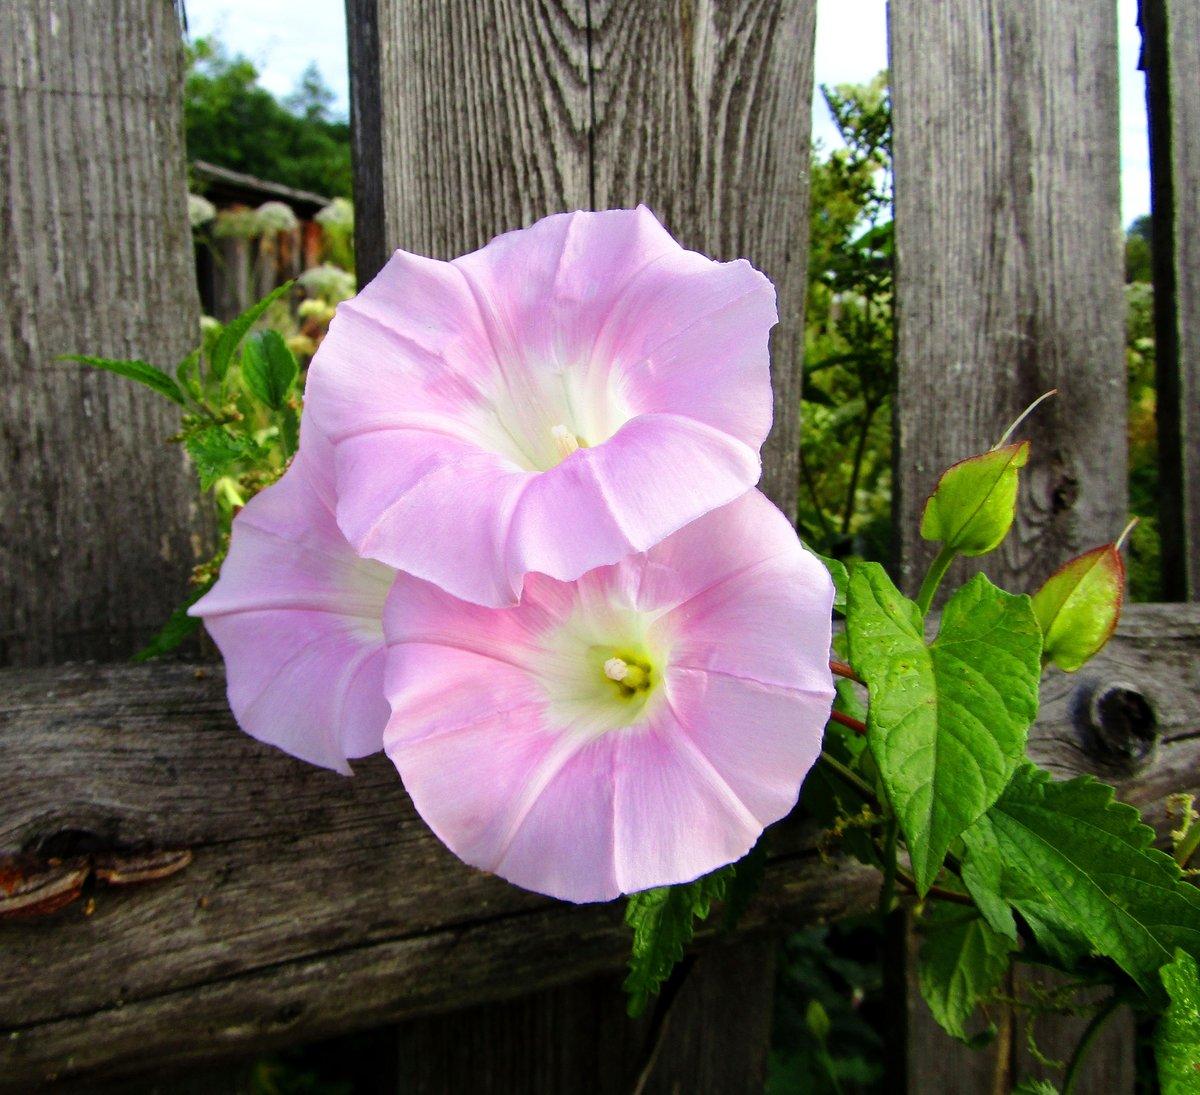 картинки цветка вьюн всего